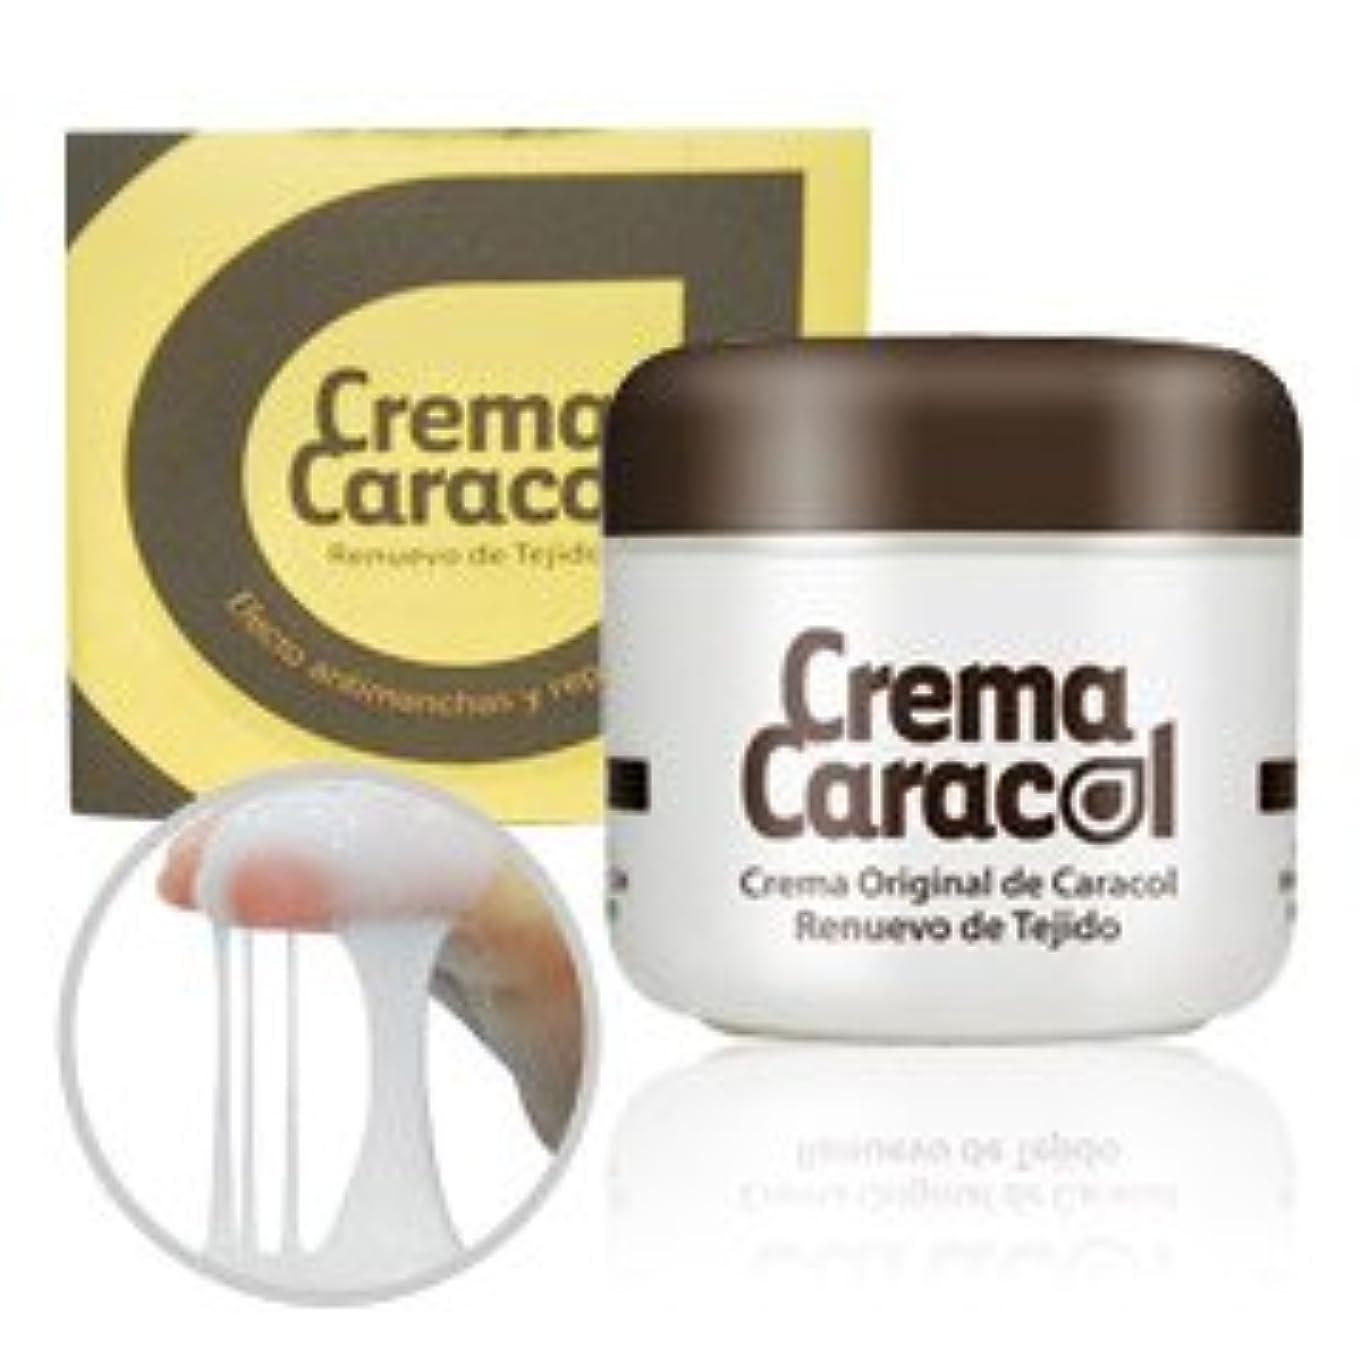 ブートスカルクフィードcrema caracol(カラコール) かたつむりクリーム 3個セット